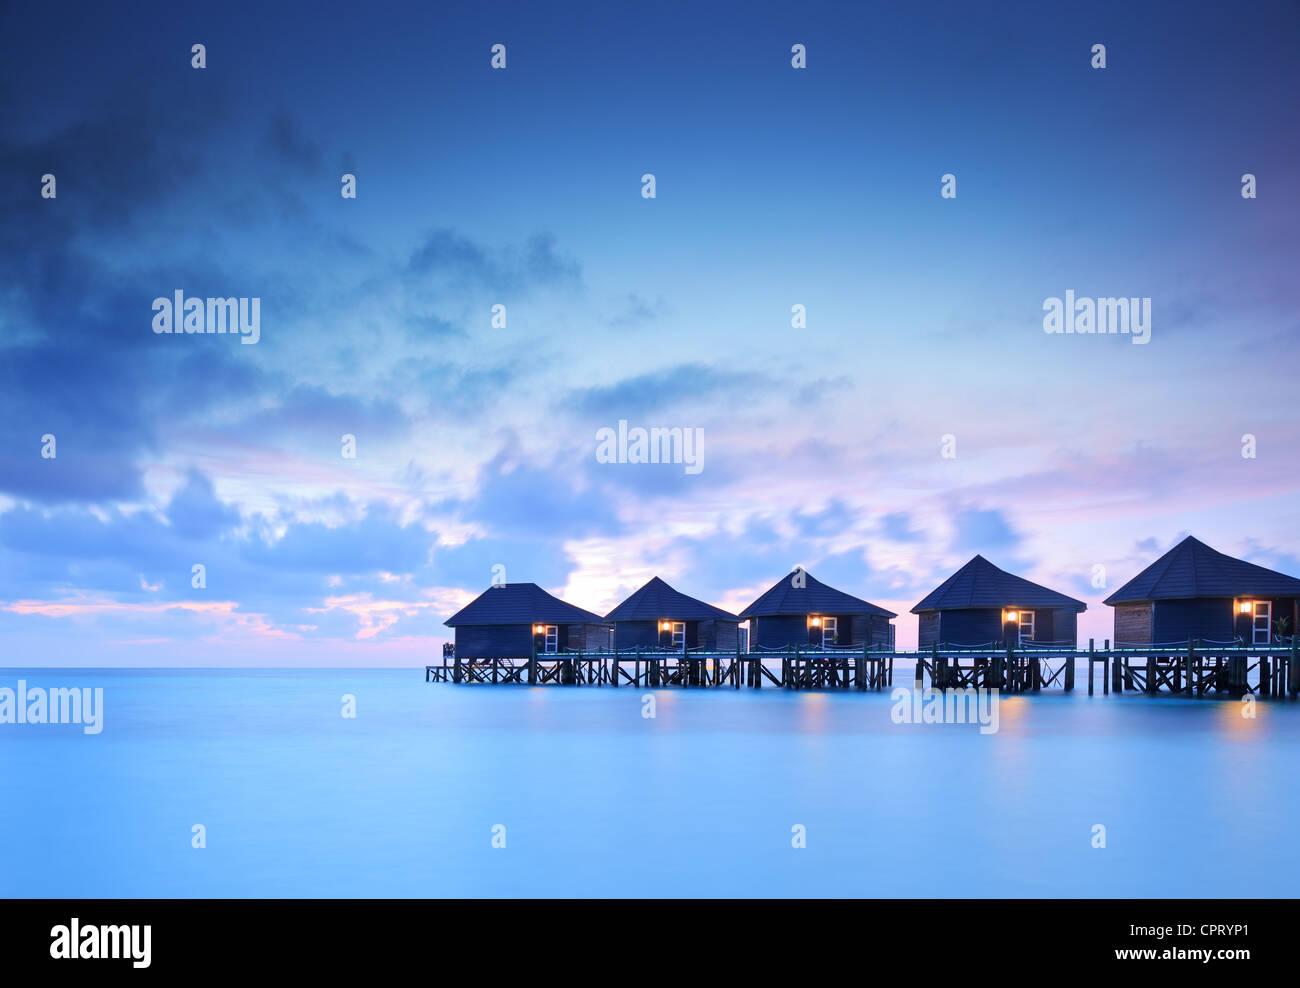 Acqua Cottage villa al tramonto sull isola di Kuredu, Maldive, Lhaviyani atoll Immagini Stock